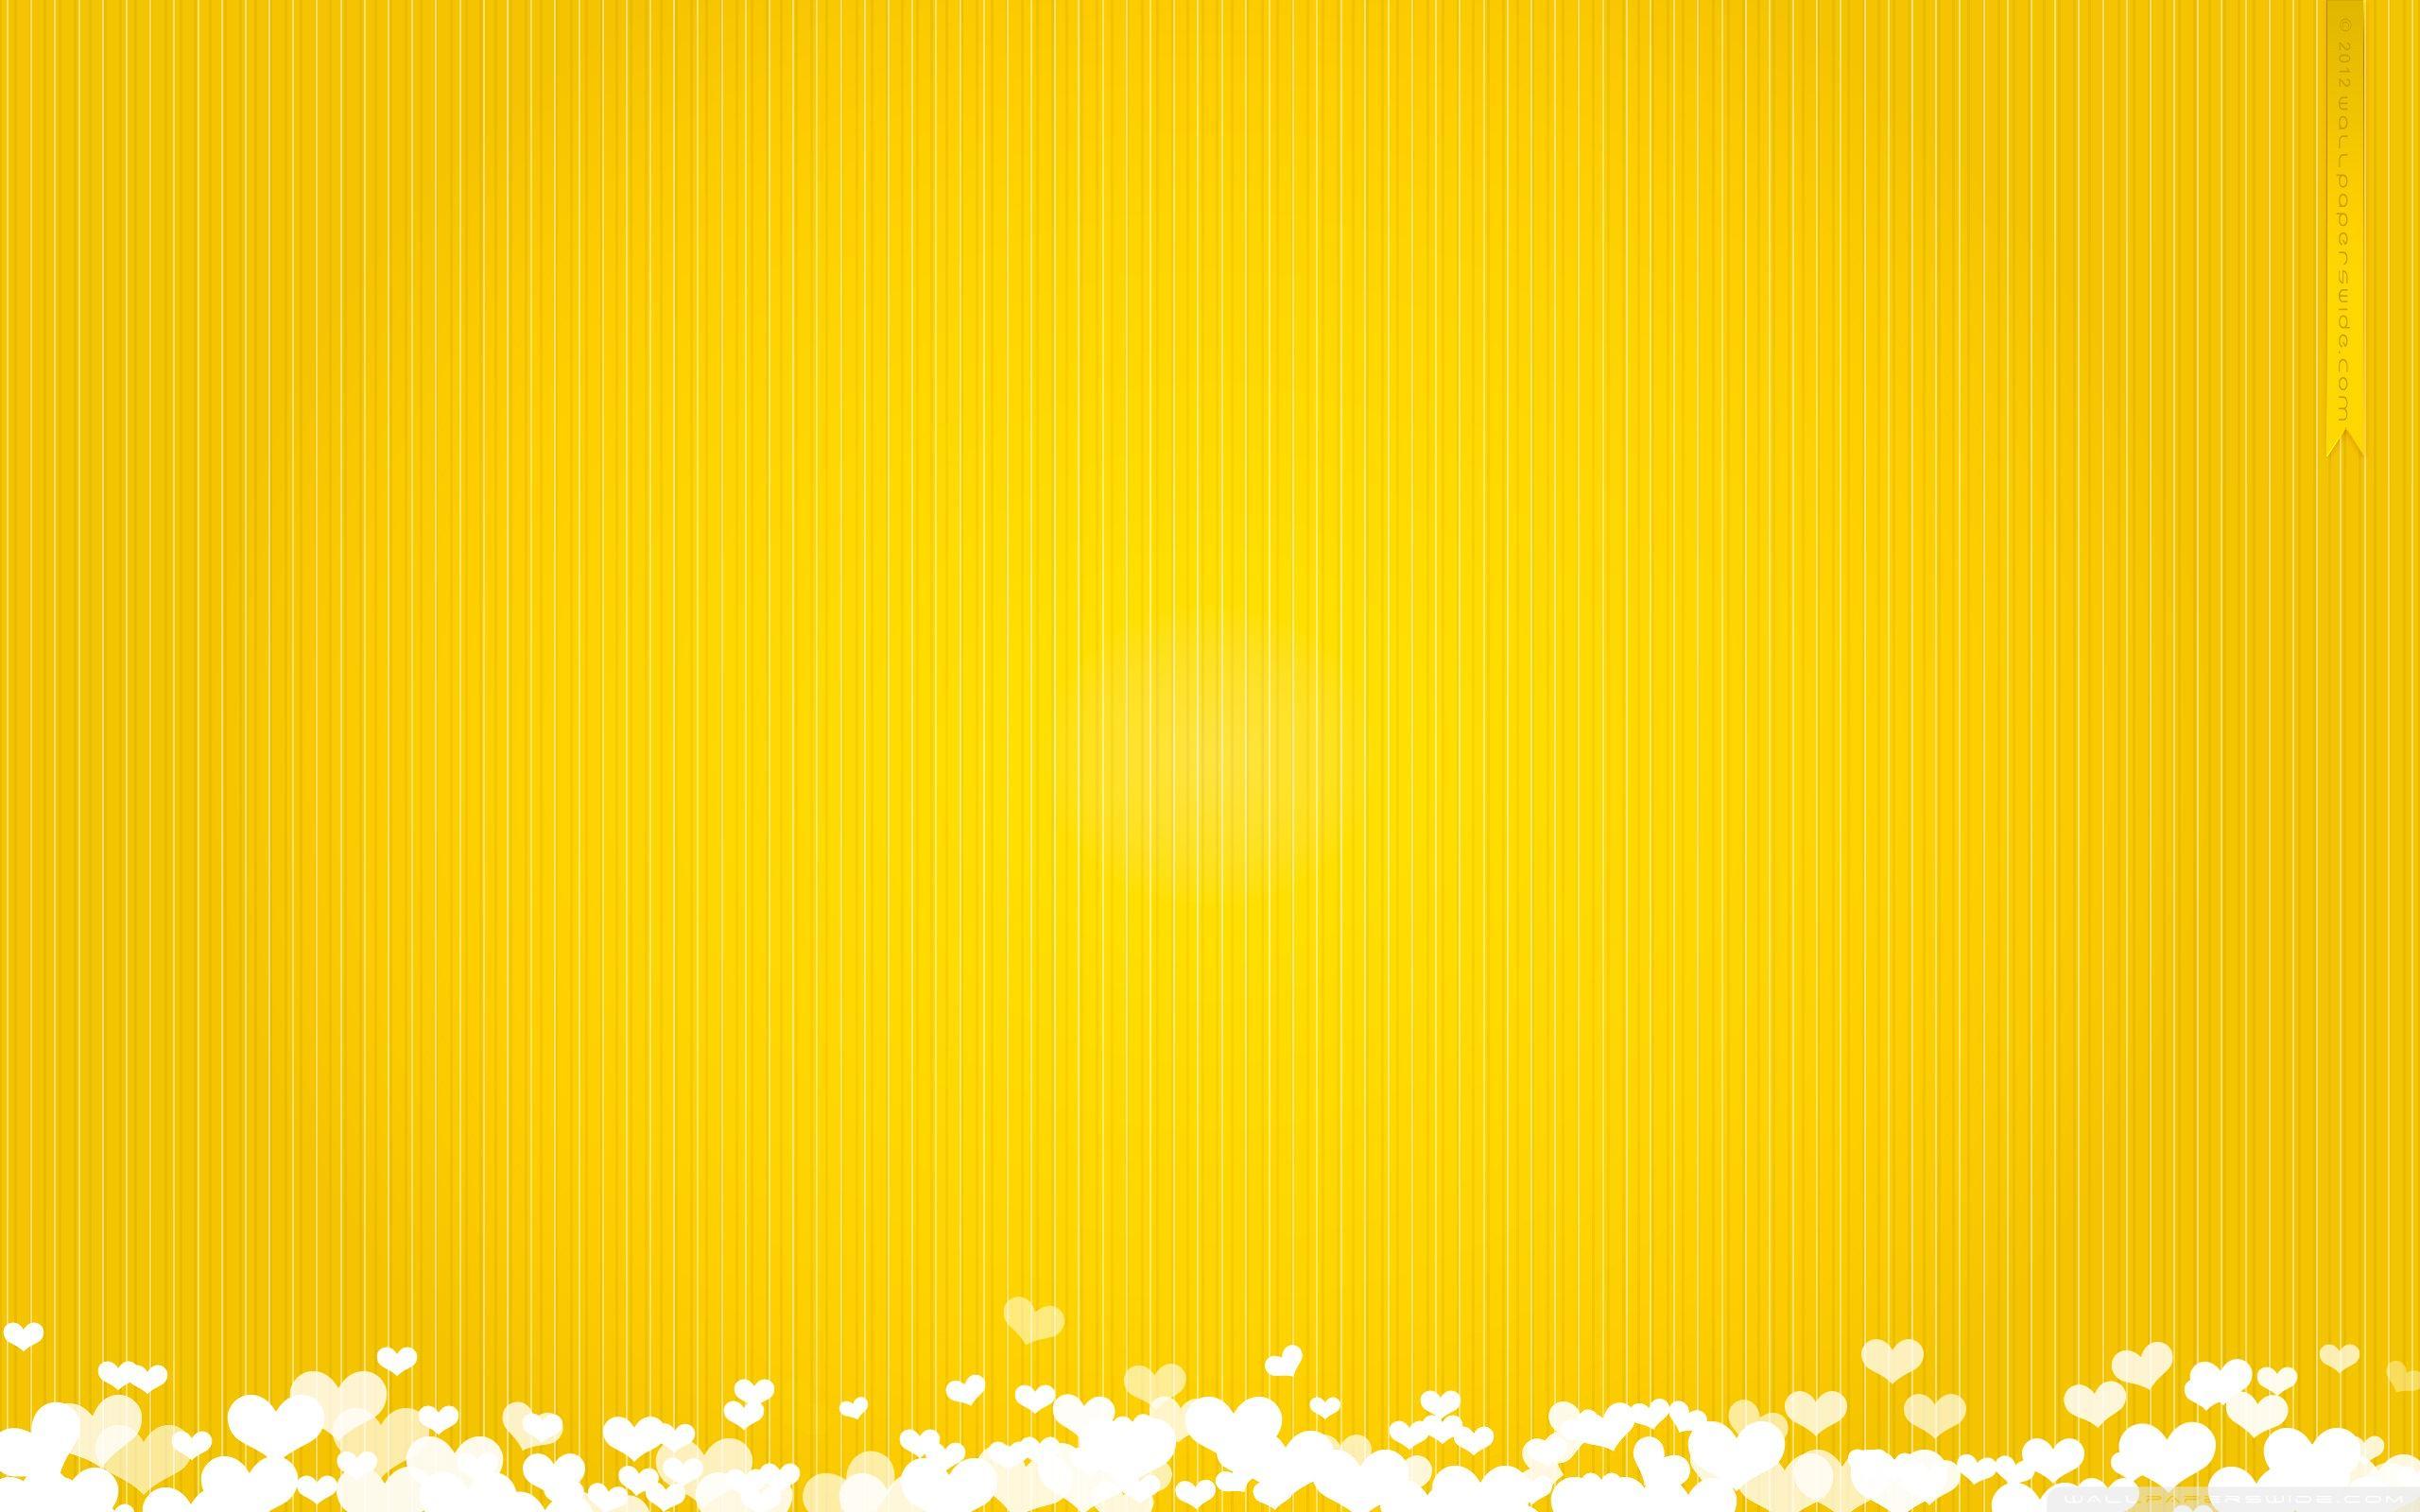 2560x1600 Tải xuống miễn phí 42 hình nền màu vàng này ở độ nét cao